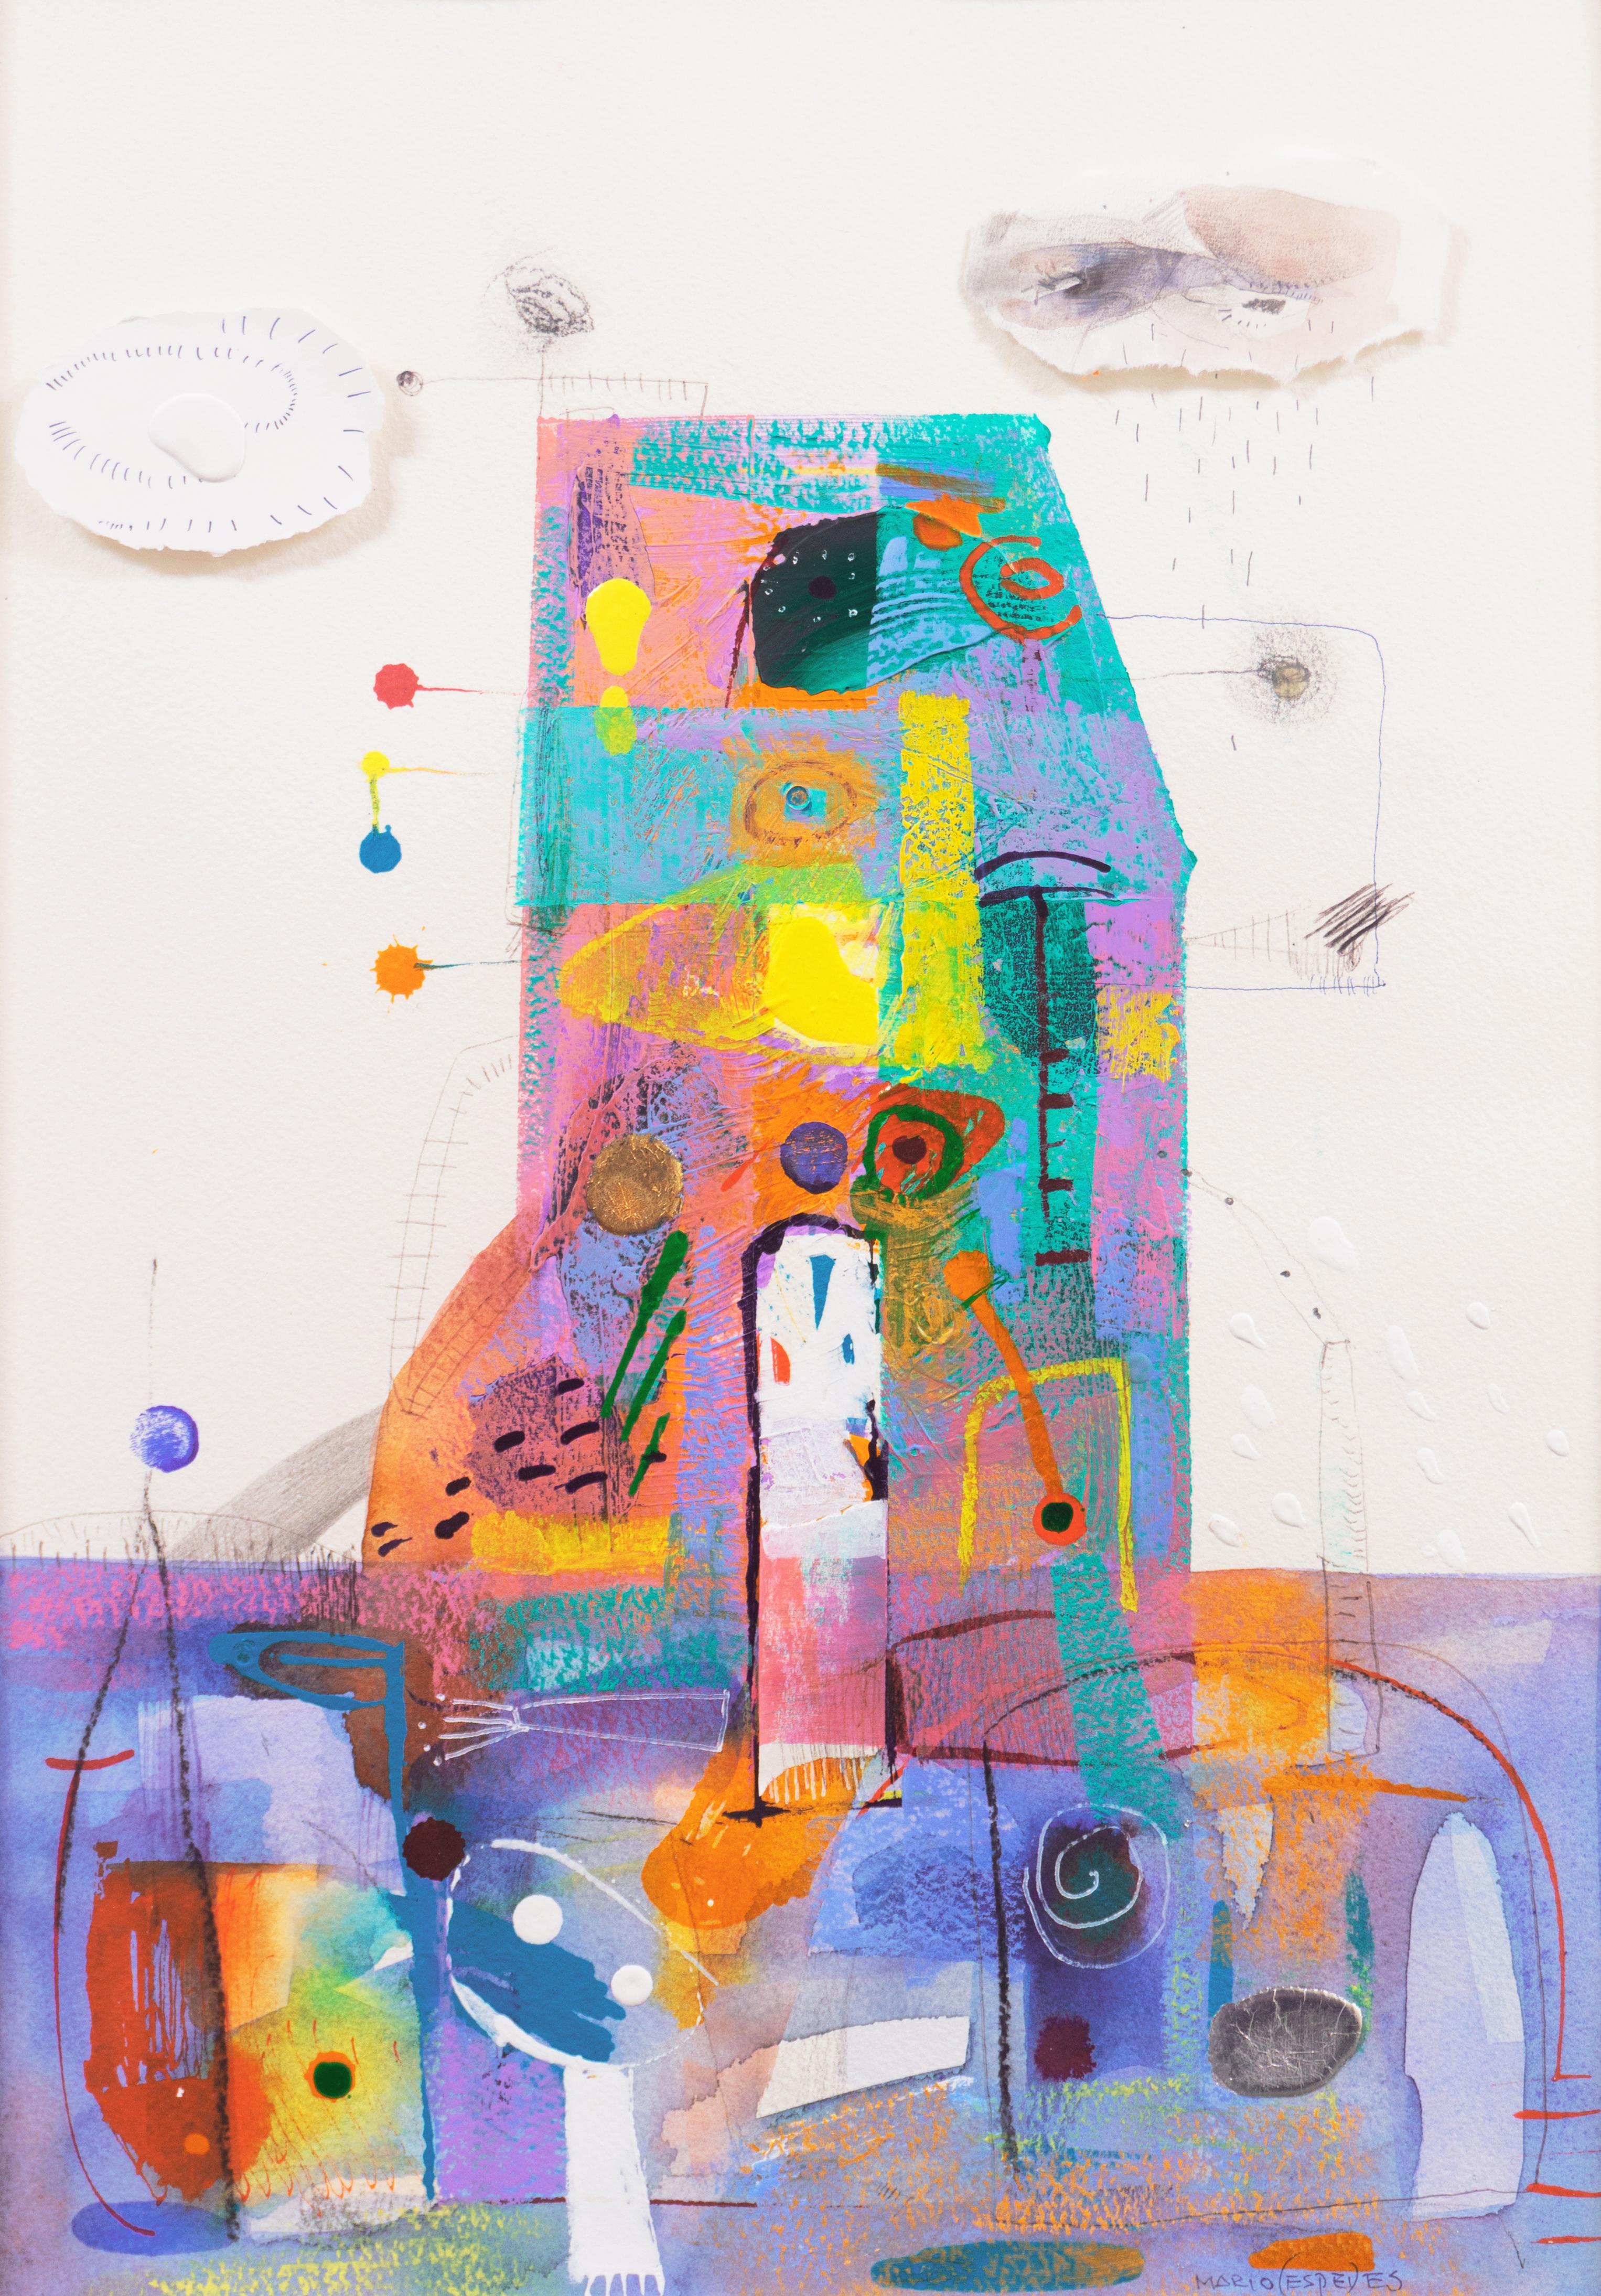 'Dreamscape', Bolivia, Brazil, California, Sao Paulo Biennale, UNESCO